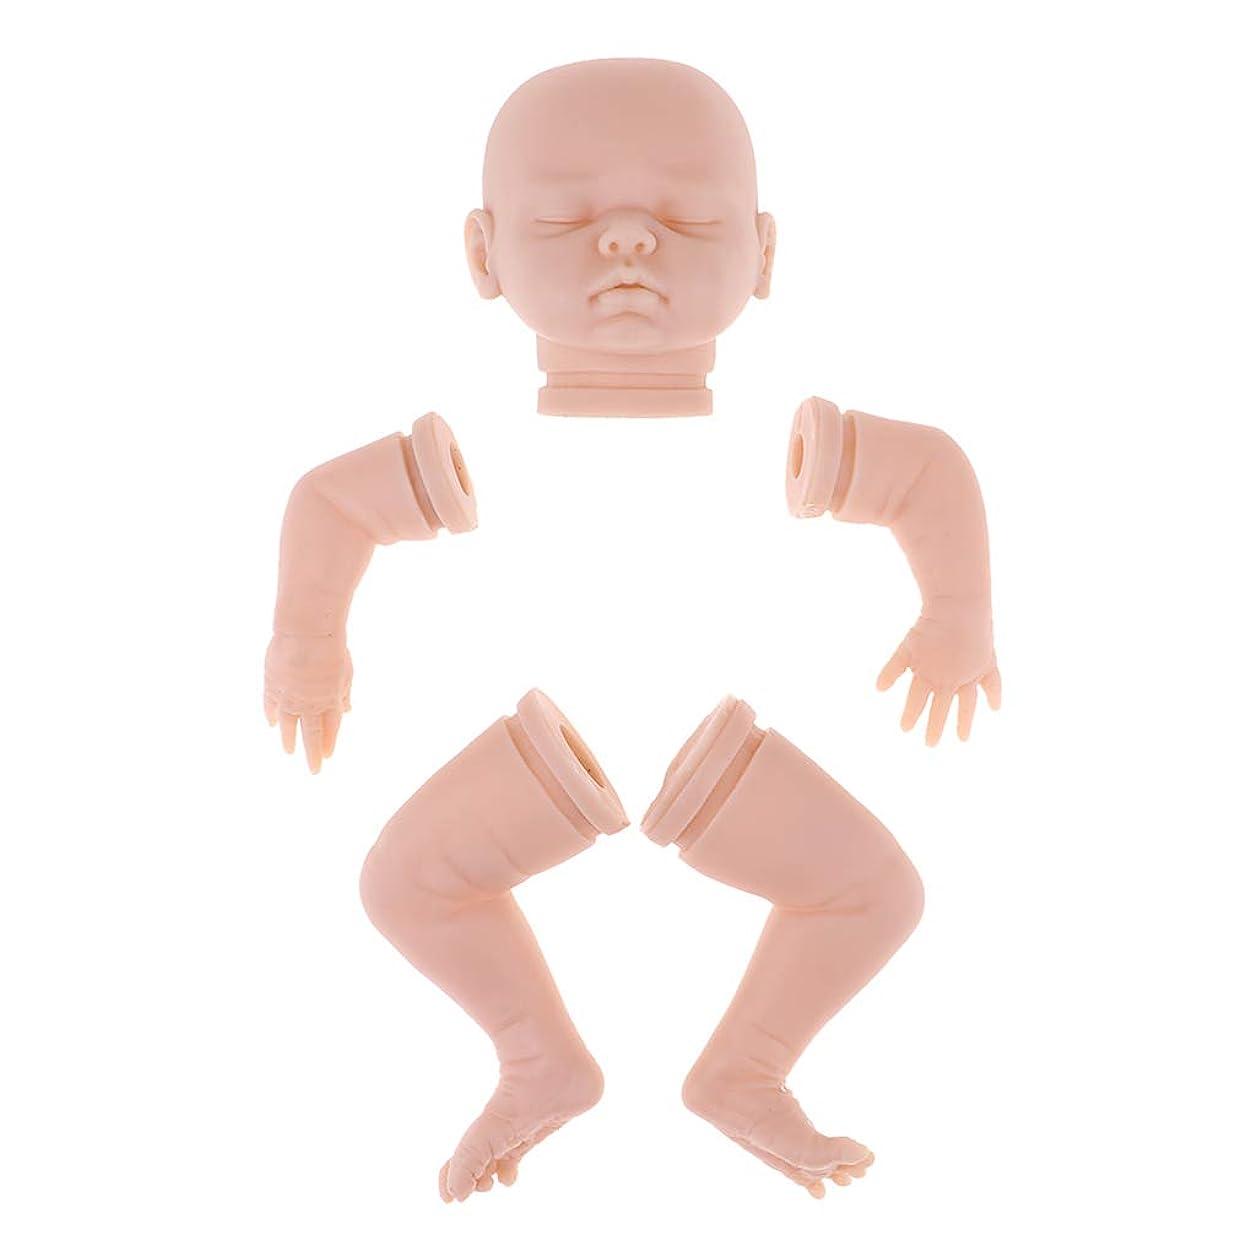 プログレッシブ朝食を食べる治すドール人形パーツ 頭部 腕 足 リボーン新生児ドール用 DIYアクセサリー 3色選択 - #3